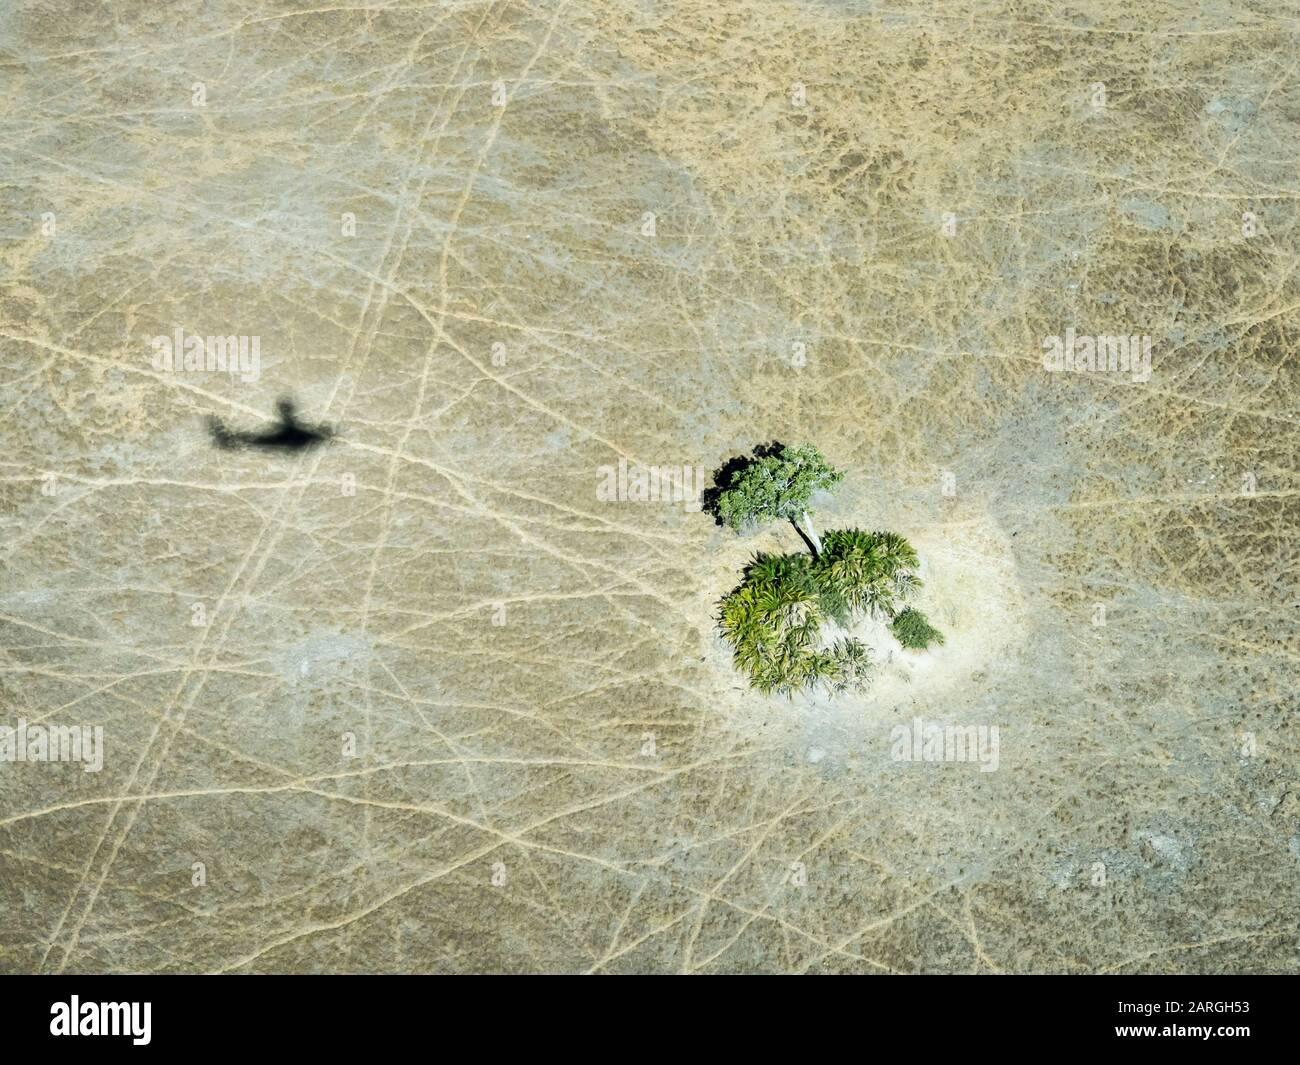 Vue aérienne du delta de l'Okavango au début de l'automne, au Botswana, en Afrique Banque D'Images